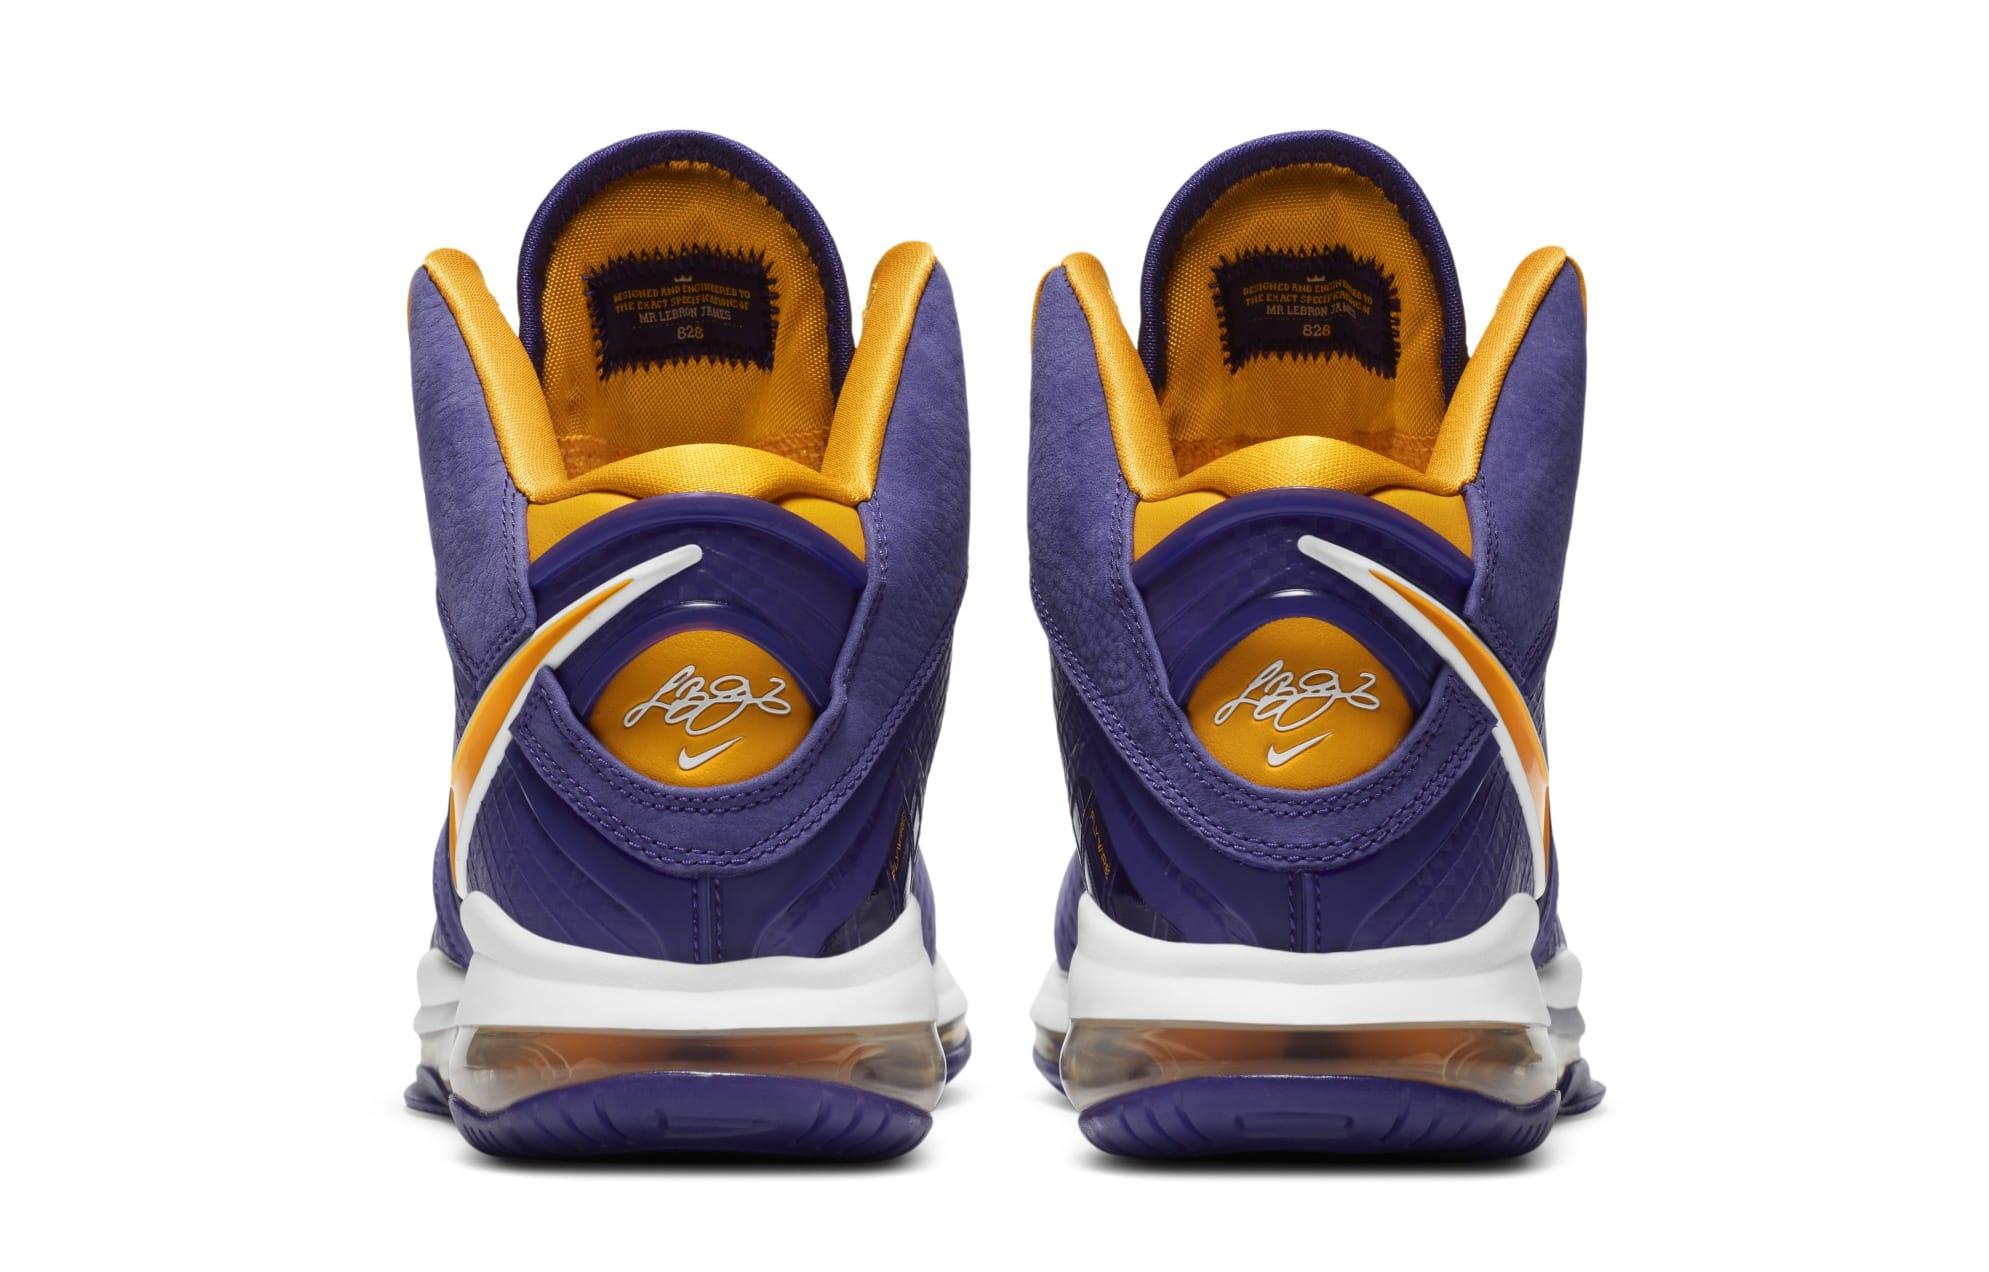 Nike LeBron 8 'Lakers' DC8380-500 (Heel)